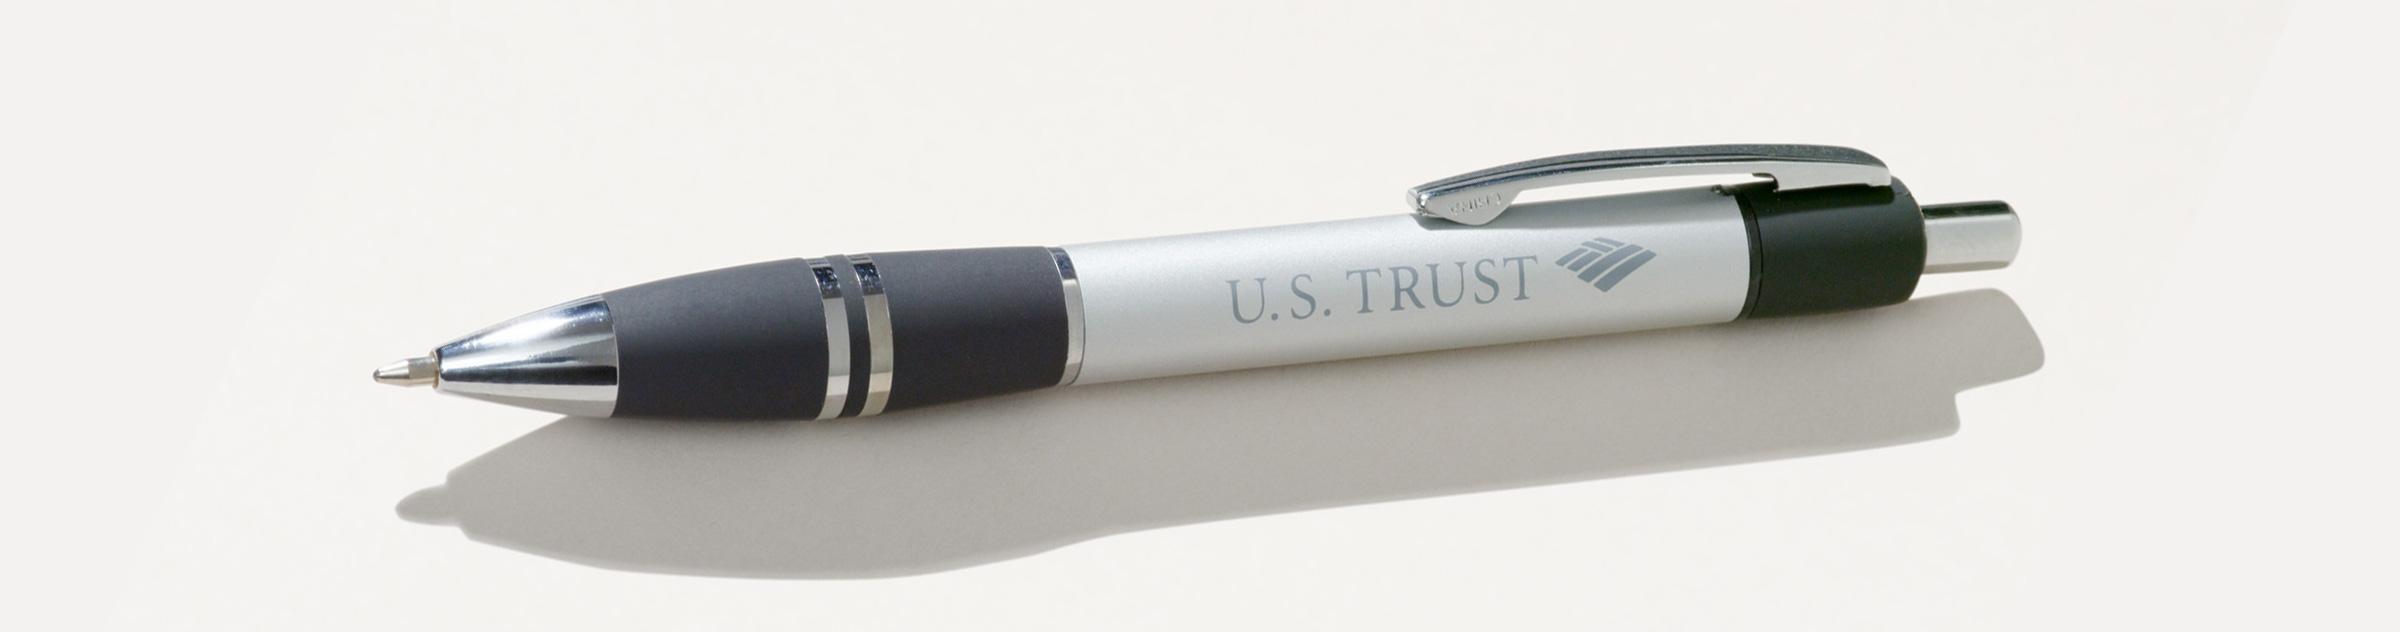 U.S. Trust